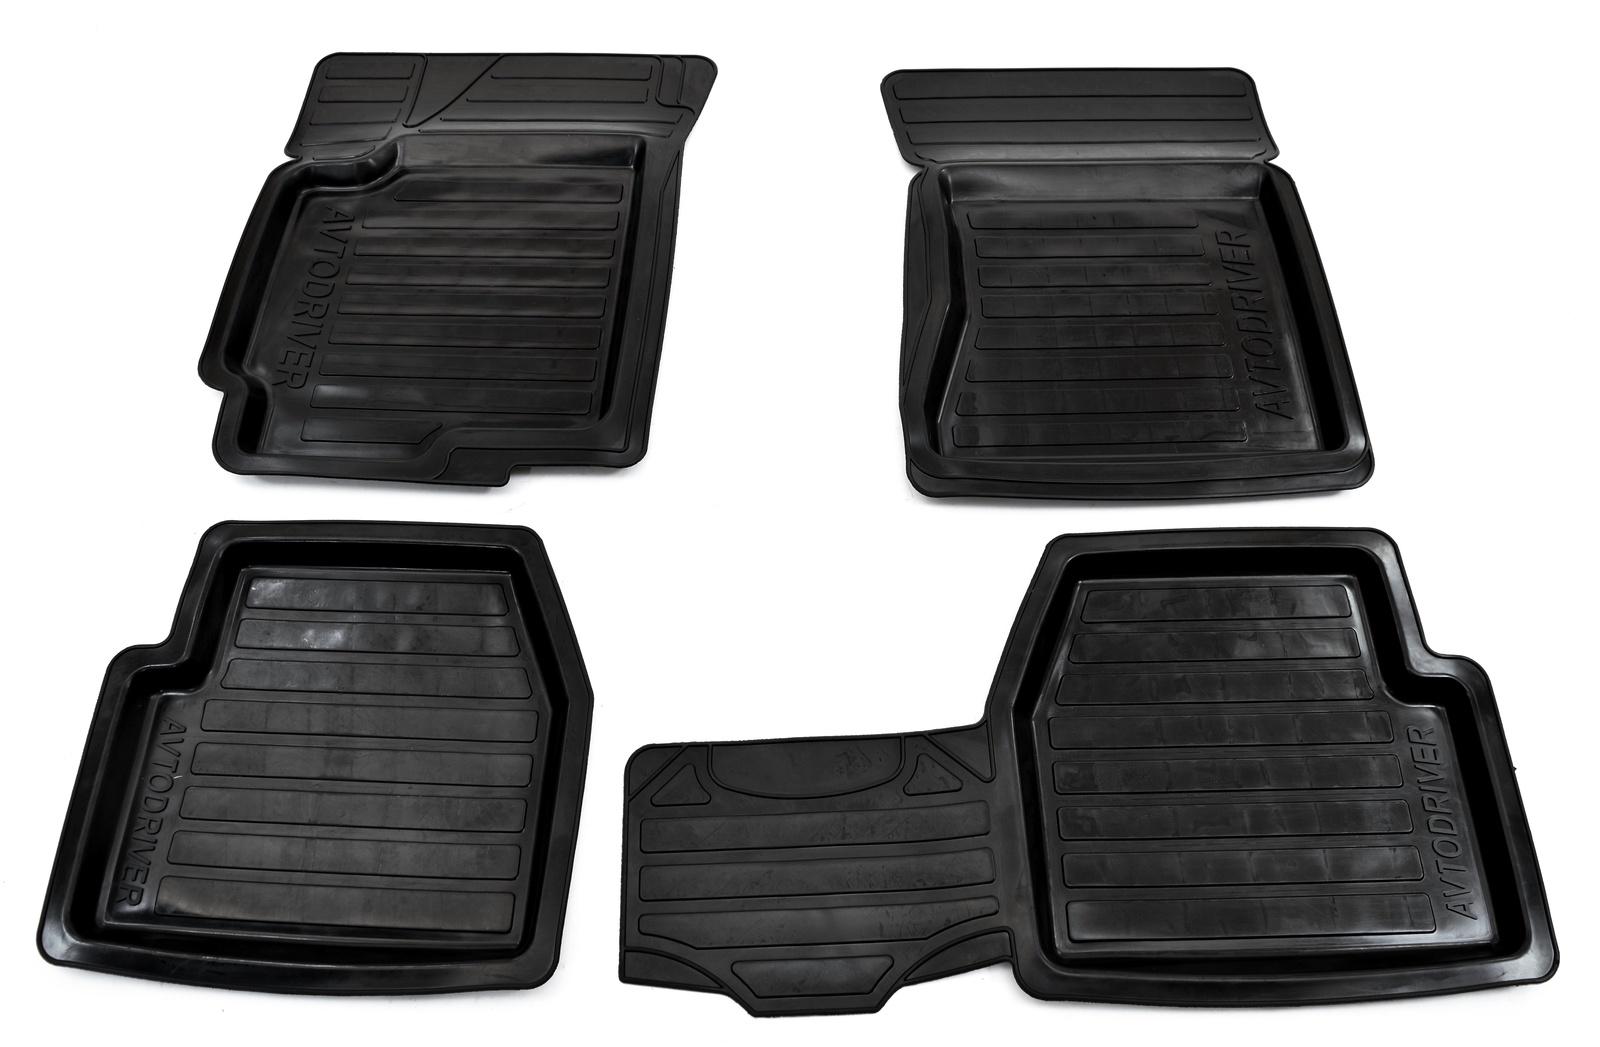 игровые коврики Коврики в салон автомобиля Avtodriver Авангард, универсальные, 4 шт, с перемычкой Avtodriver, ADRU007, резиновые, с бортиком, черный